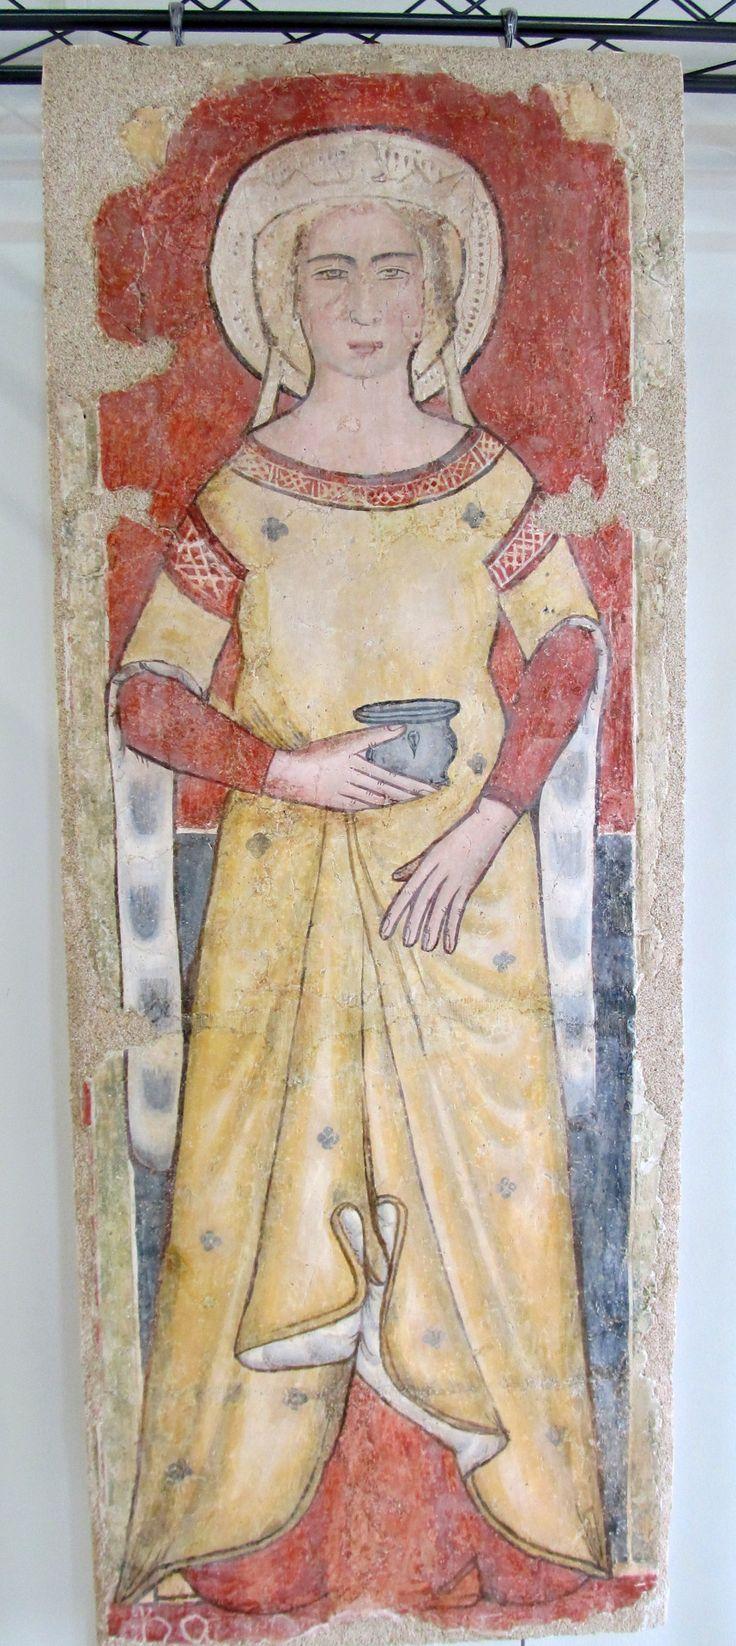 St Elizabeth of Hungary fresco in the Chiesa di S. Pietro ad Alba Fucens, c. 1350; Abruzzo, Italy